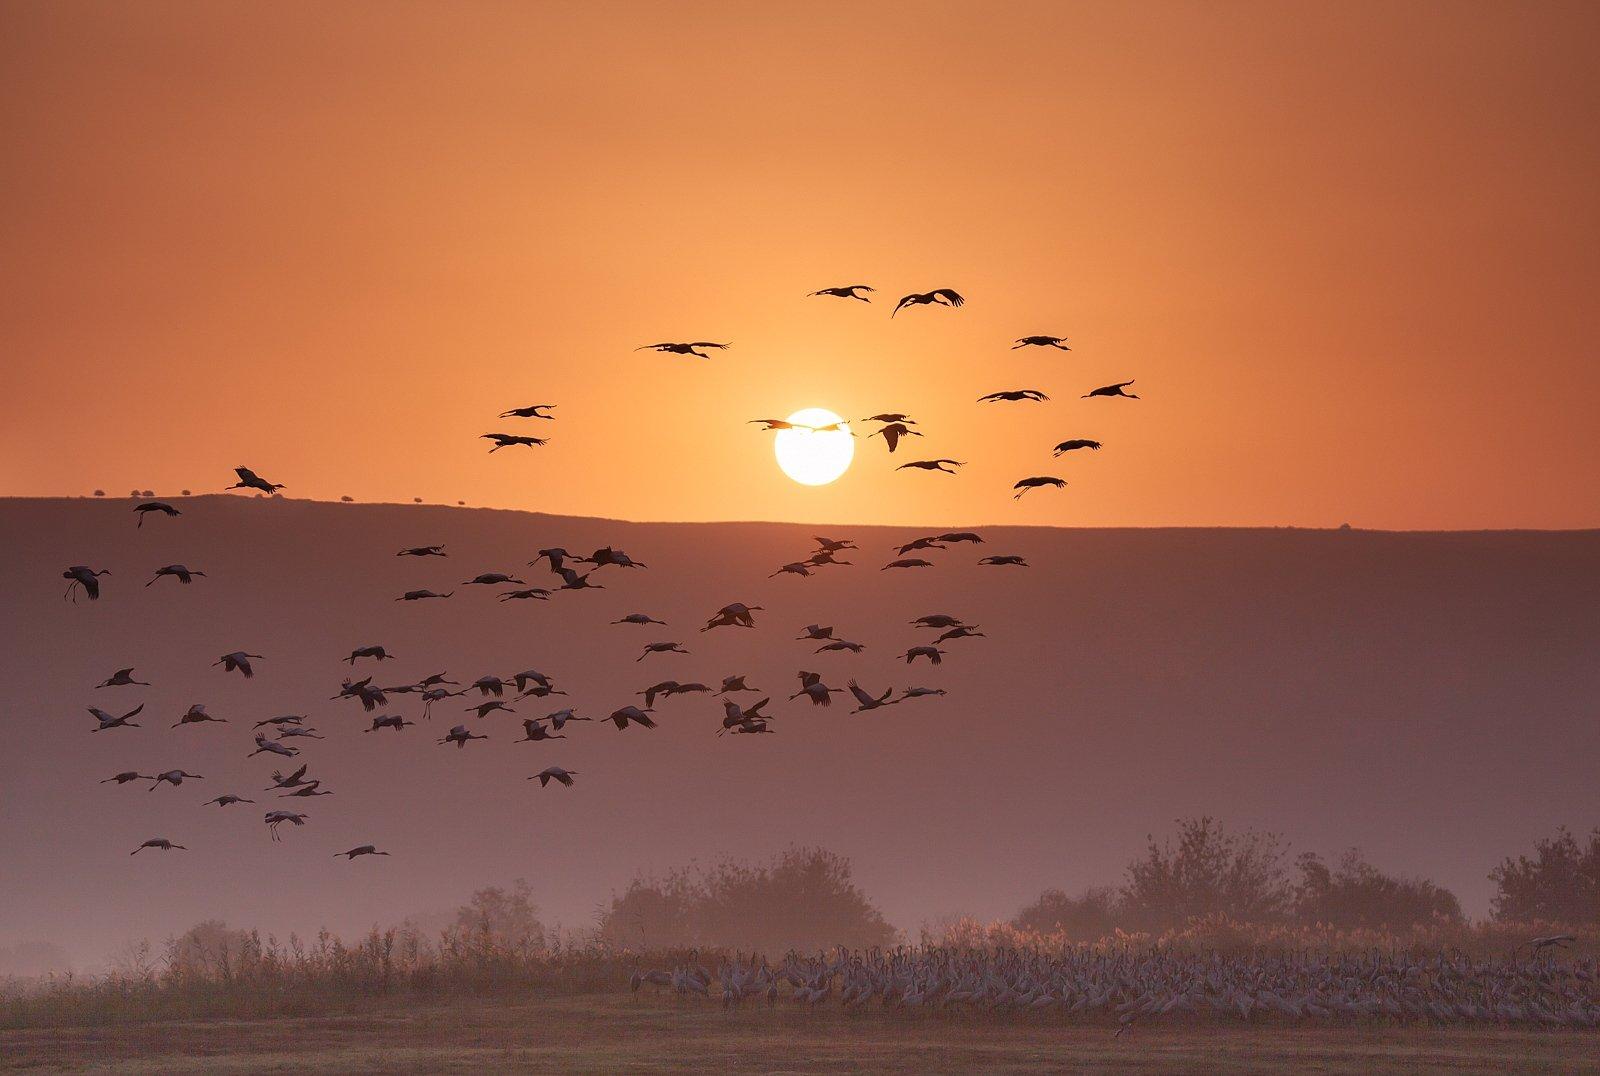 Восход, Журавли, Заповедник, Природа, Птицы, Рассвет, Серые журавли, Солнце, Туман, Утро, Наталья Рублина